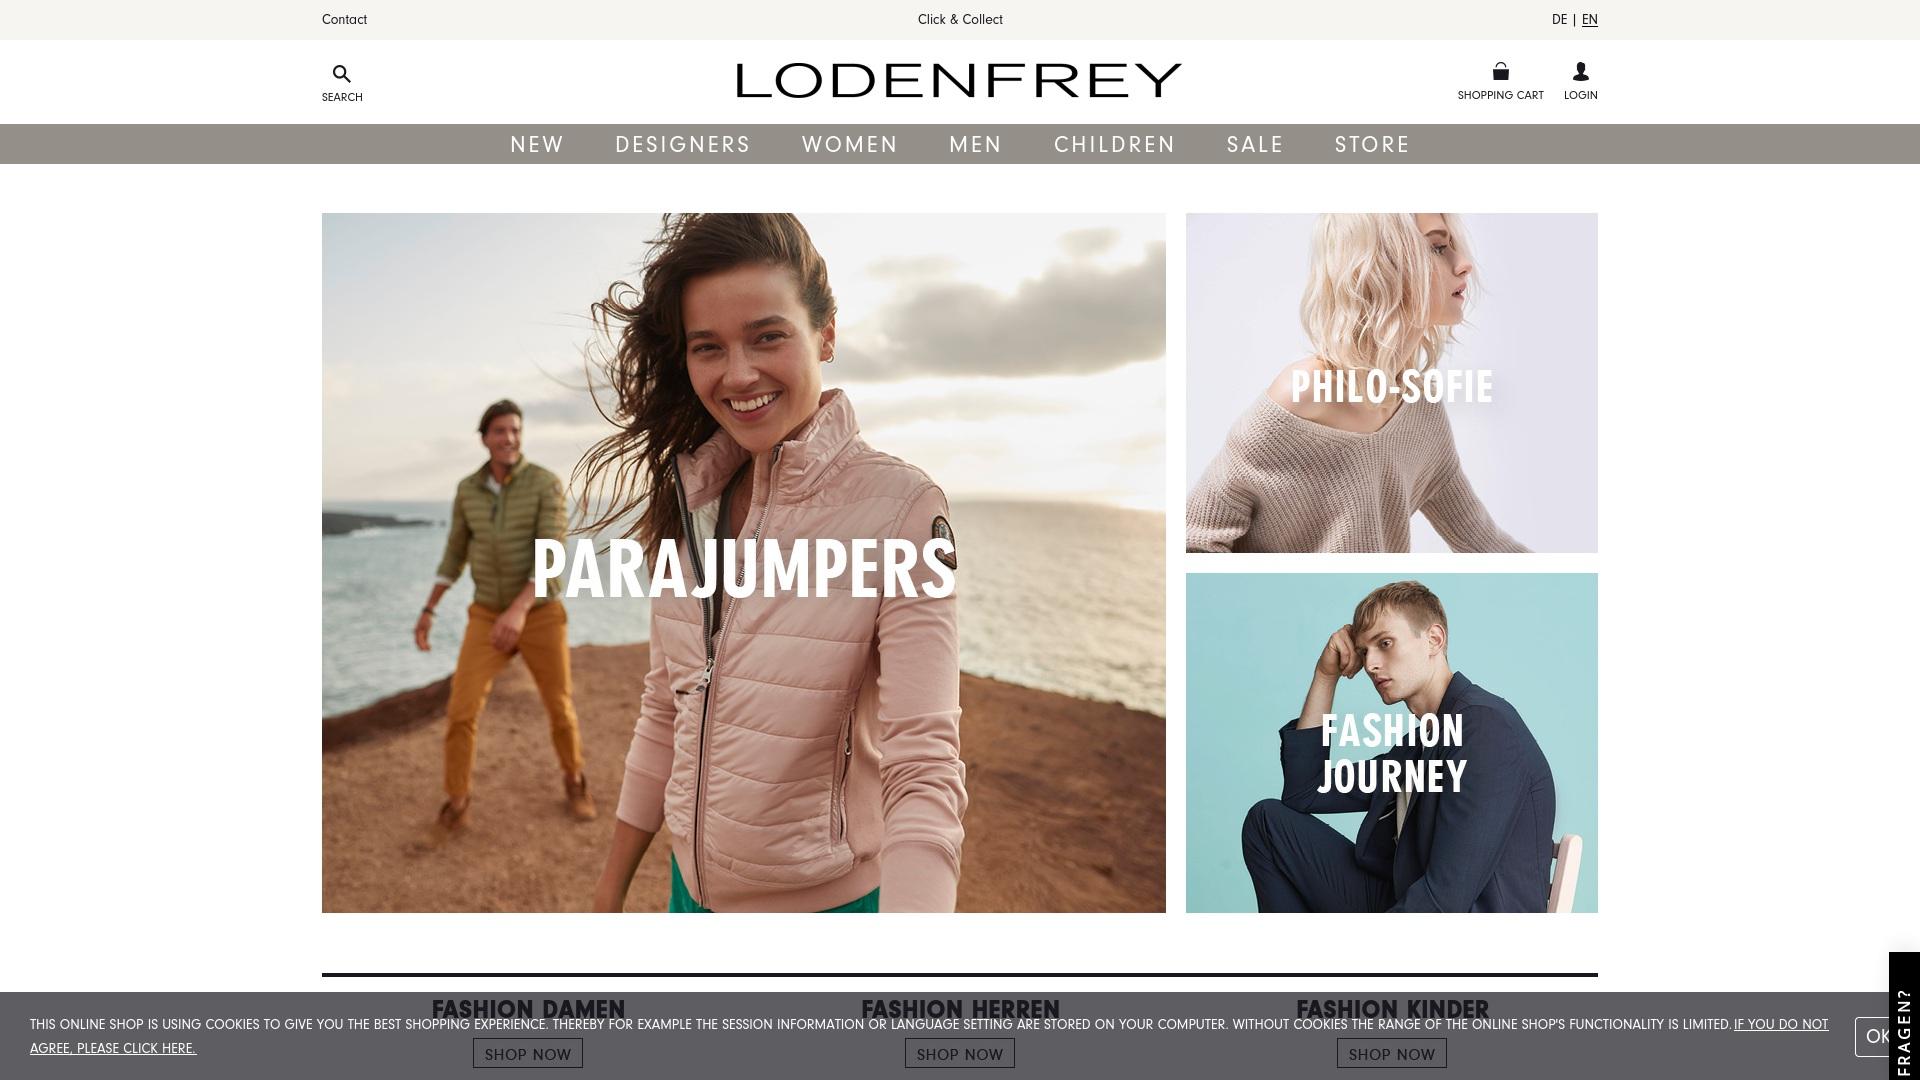 Gutschein für Lodenfrey: Rabatte für  Lodenfrey sichern